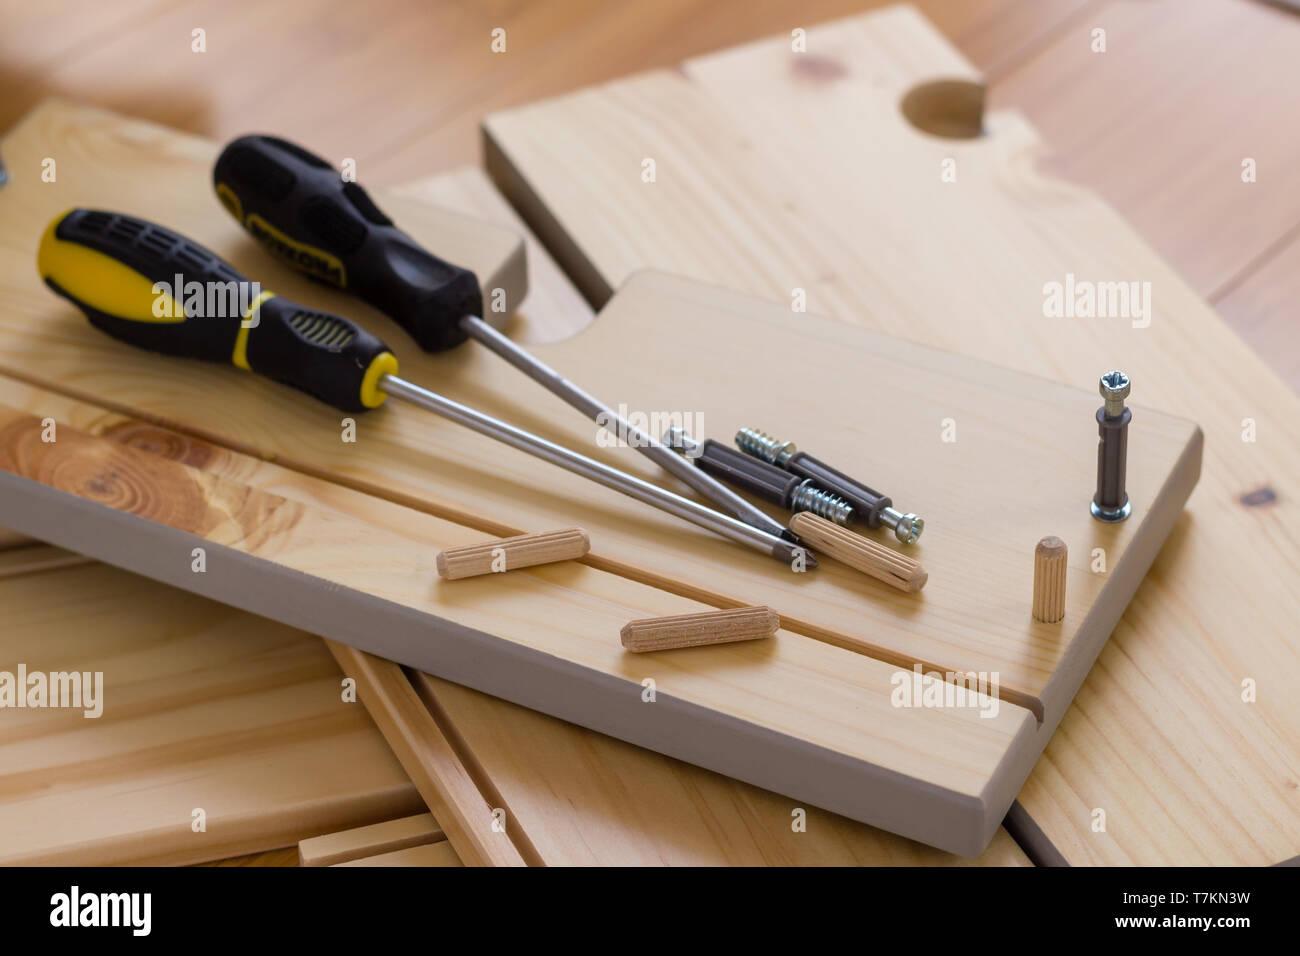 Zusammenbau von Möbeln, Schrauben, Dübel, Schraubendreher ...